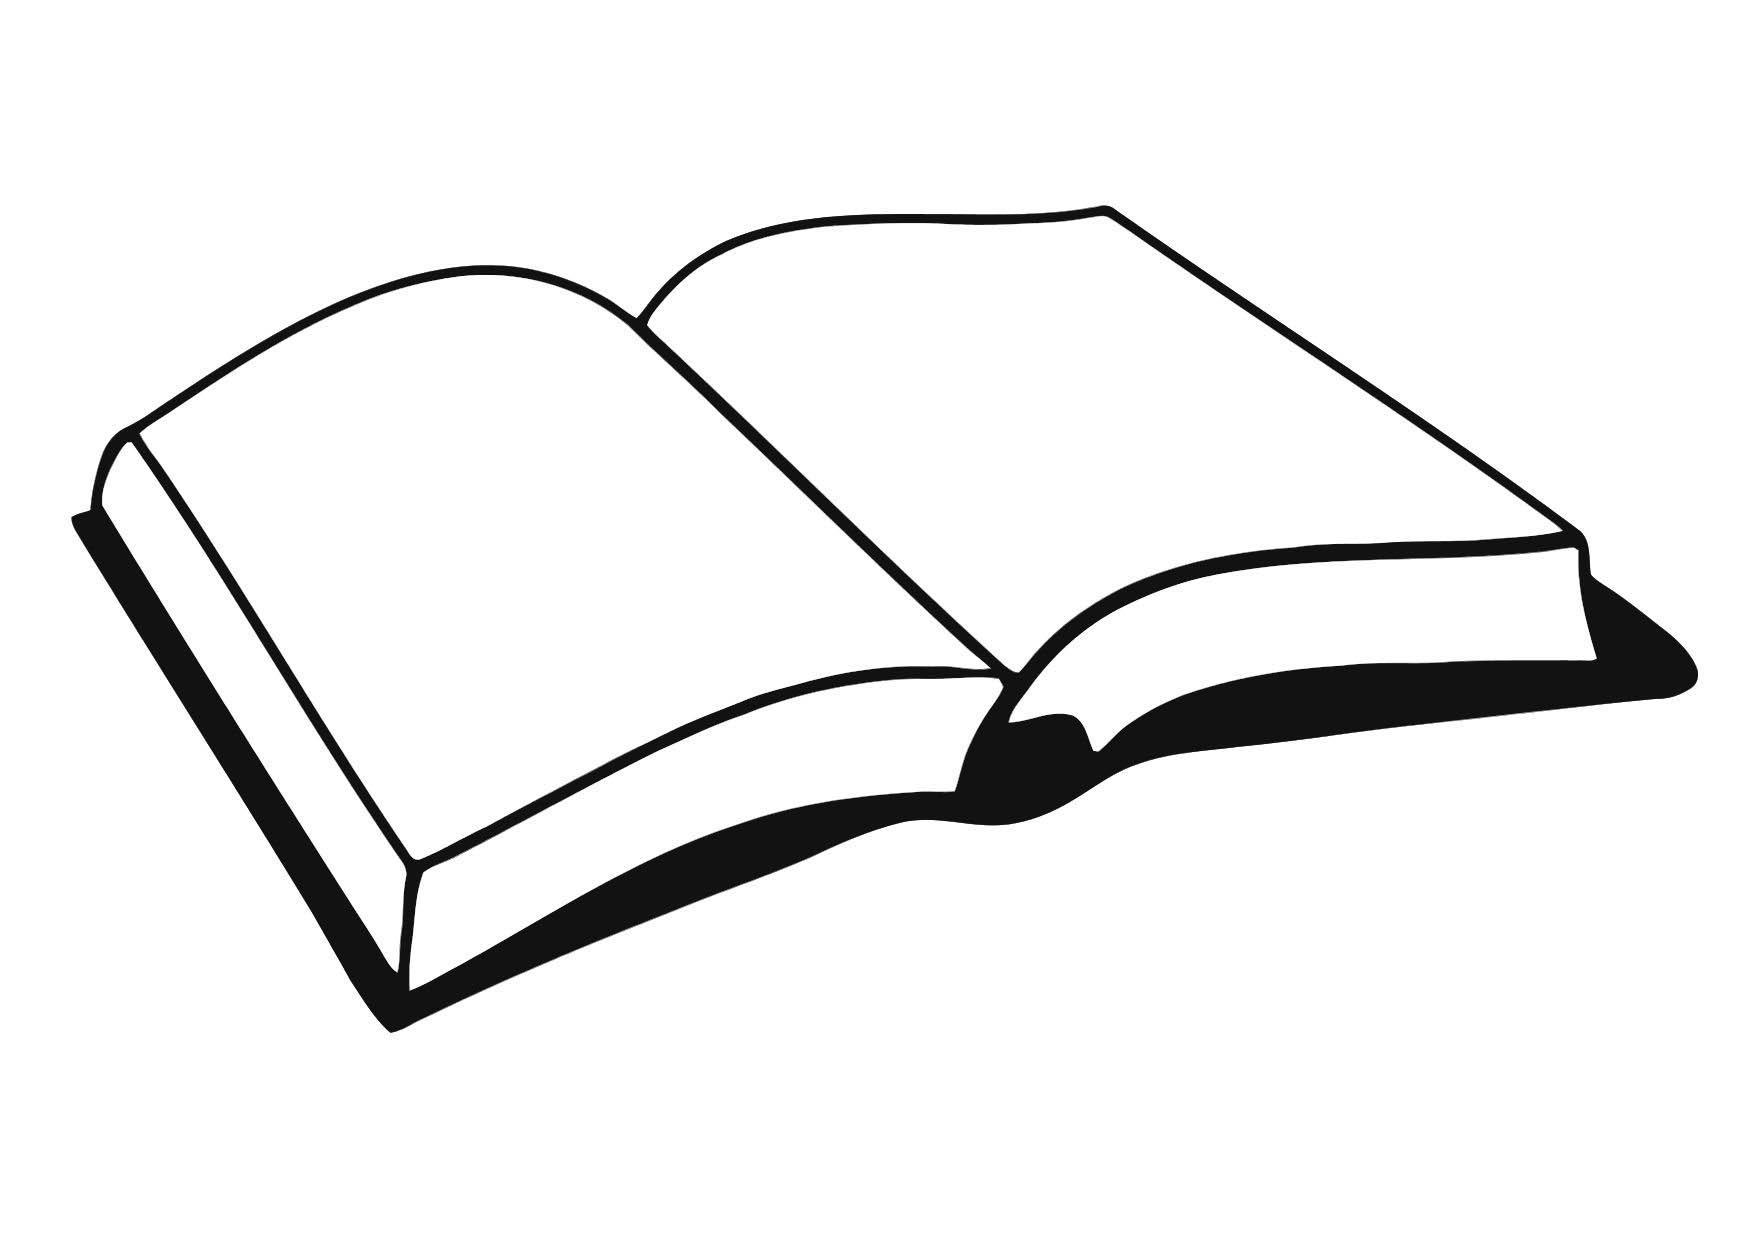 Related with el libro de los culitos libros de carton html